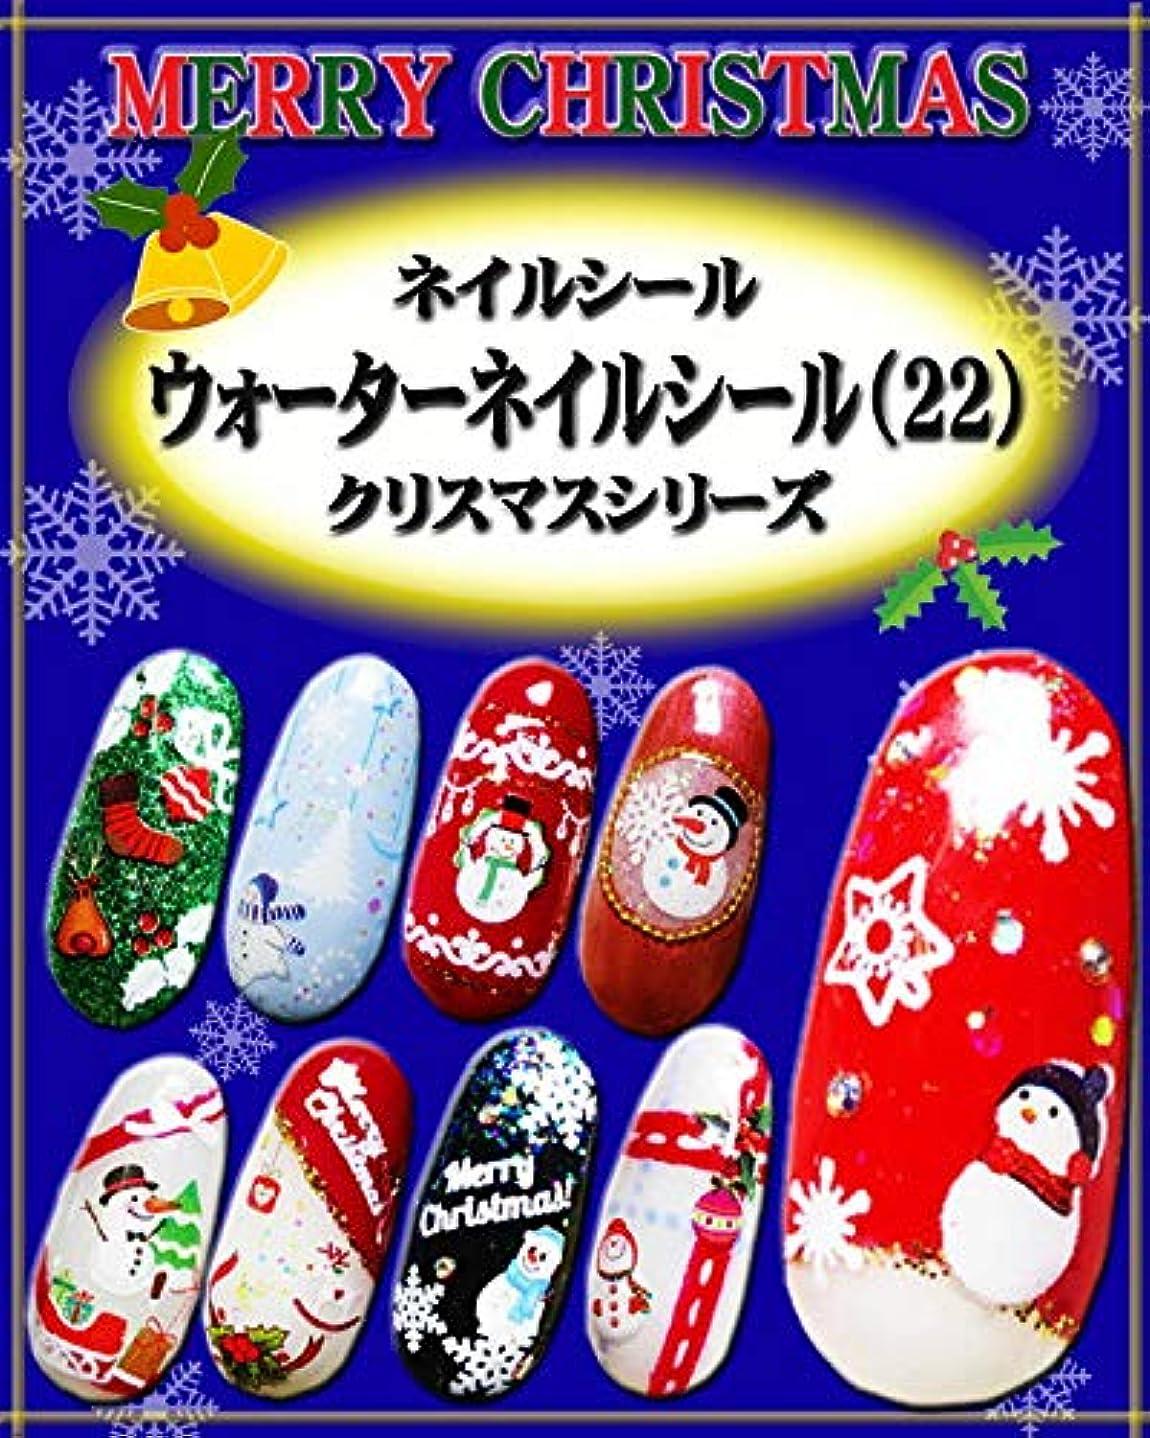 眠いです謙虚なリスナー【ネイルシール】 ウォーターネイルシール(22) クリスマスシリーズ (GID-040)